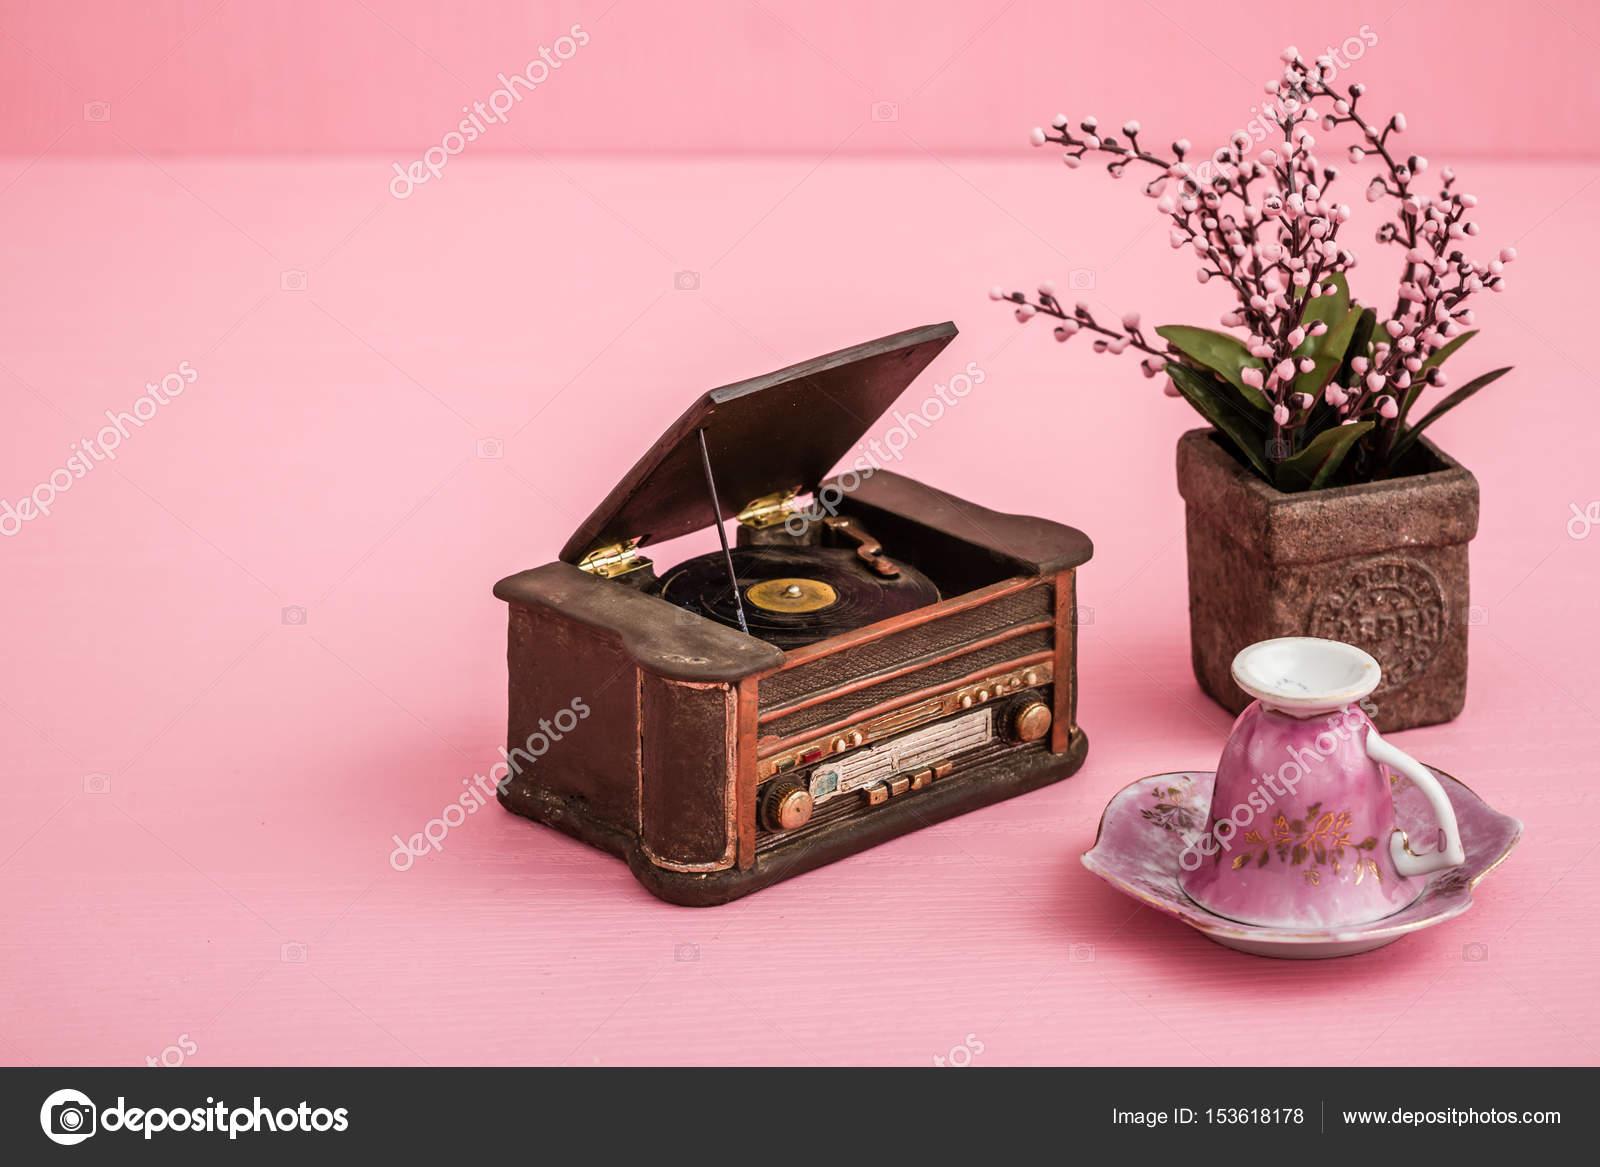 Platenspeler Als Decoratie : Decoratieve retro platenspeler u2014 stockfoto © hskoken #153618178